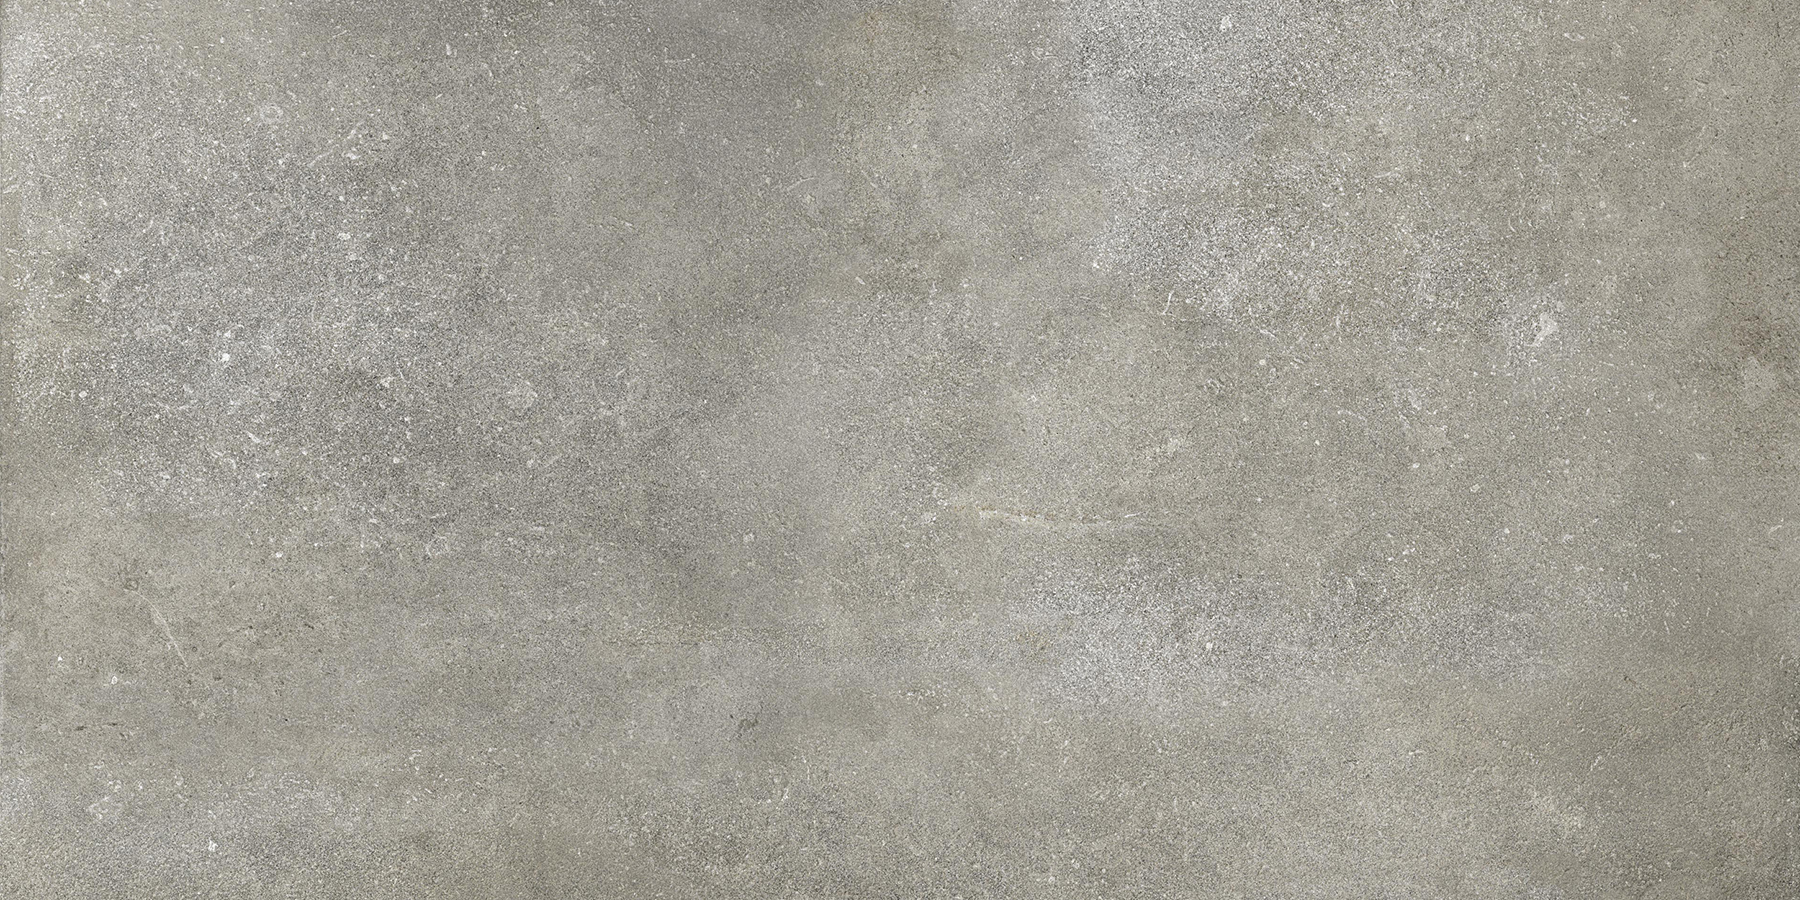 Cinque Tessin scav05r Terrassenplatte Grigio 60x120 matt rett.